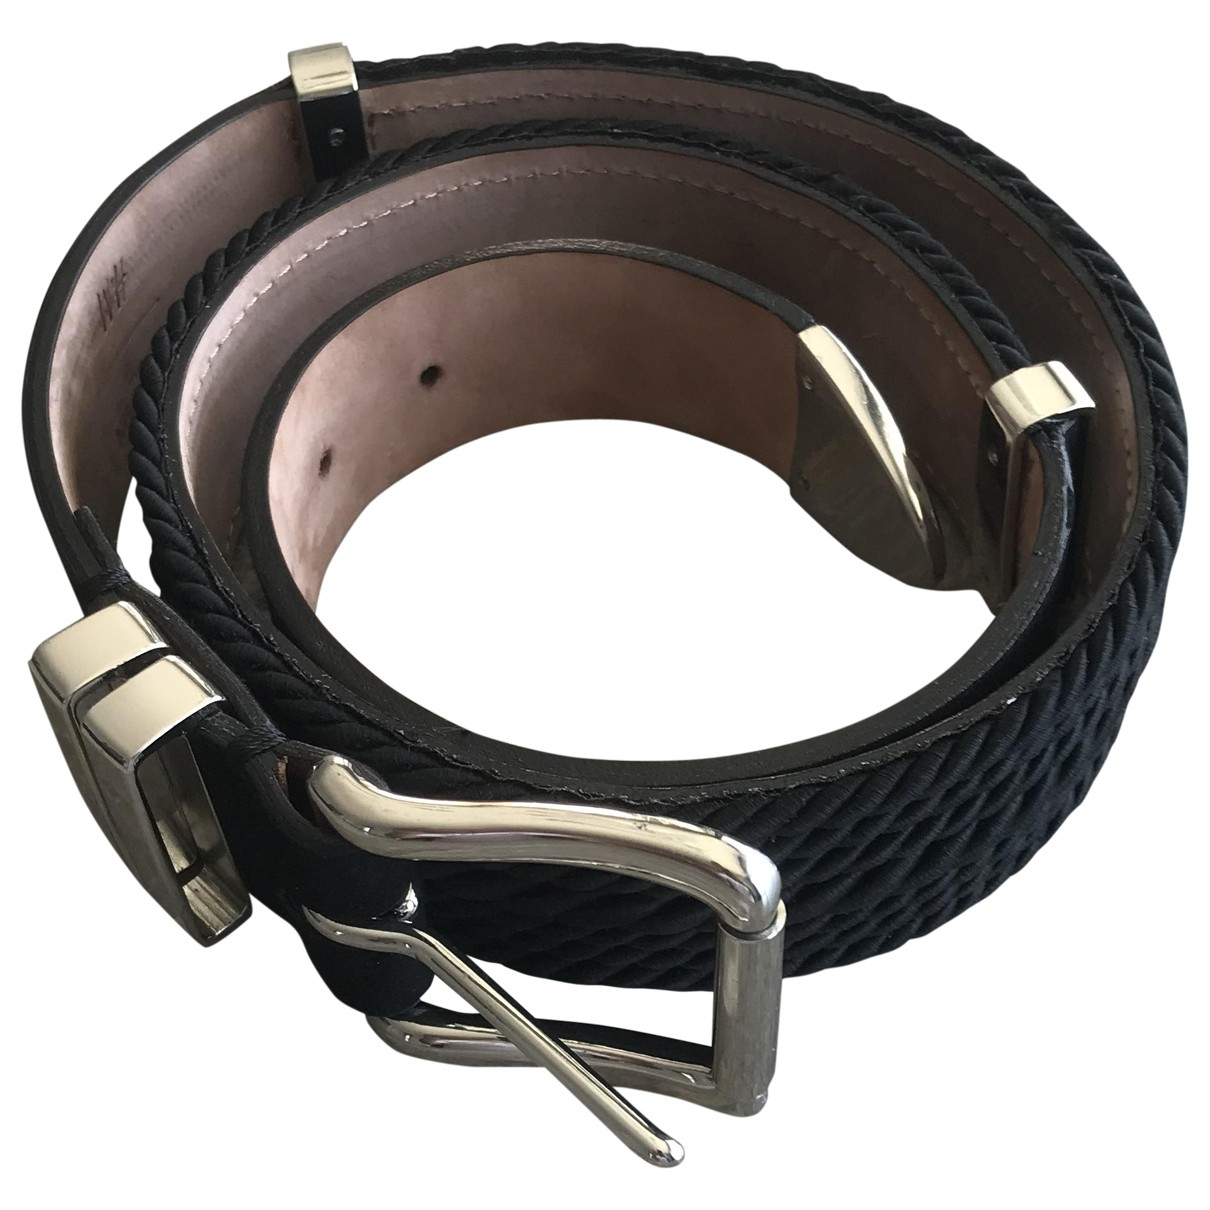 Cinturon de Cuero Balmain For H&m